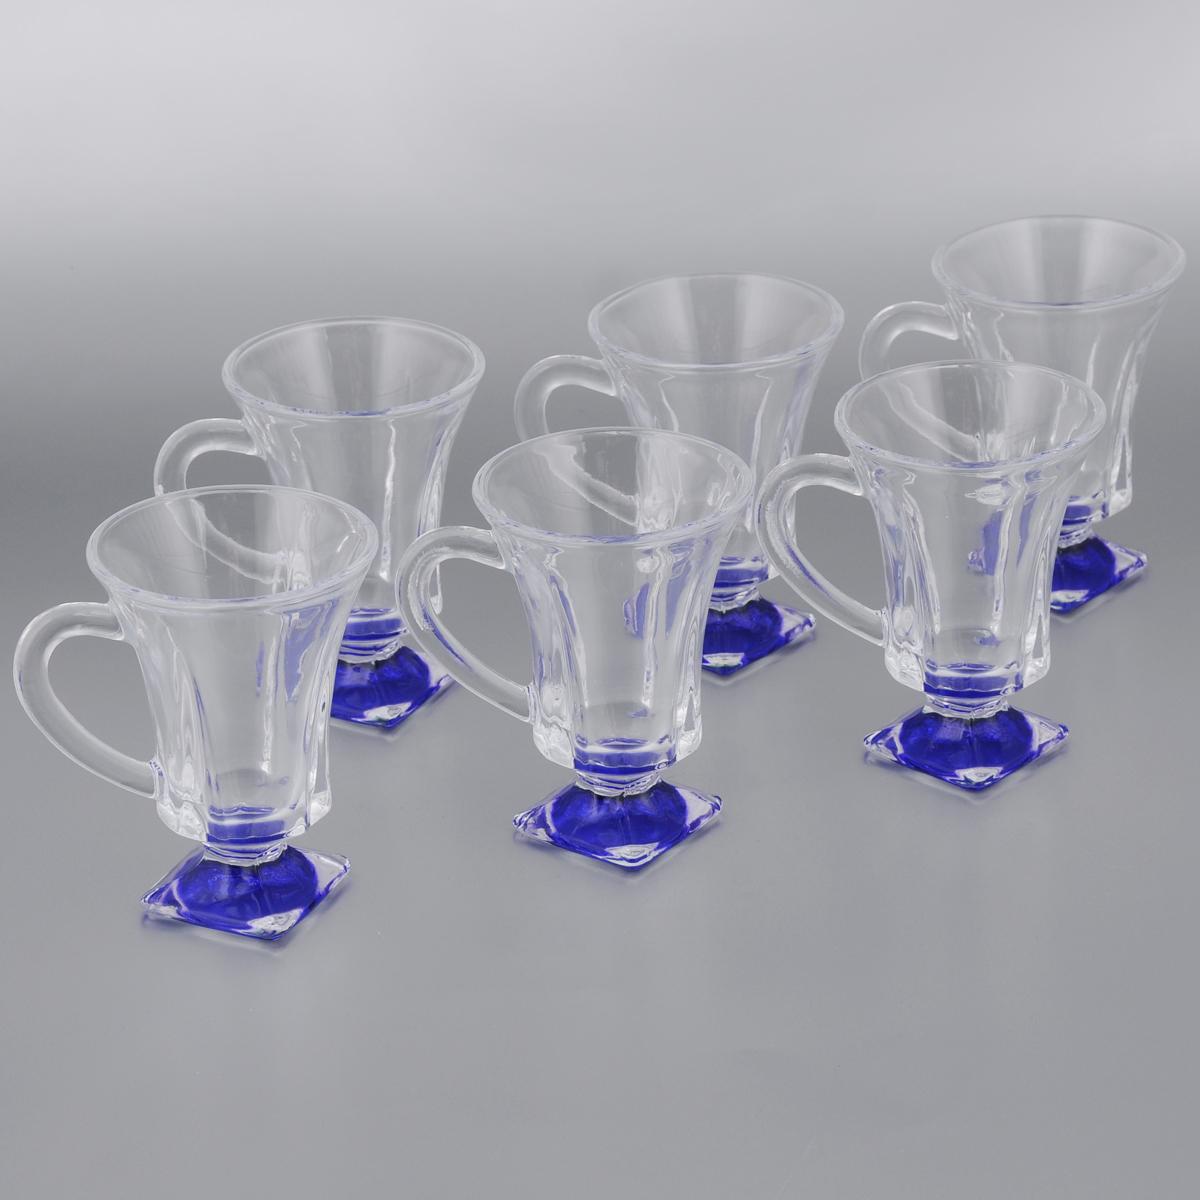 Набор стаканов для глинтвейна Mayer & Boch Loraine, цвет: прозрачный, синий, 150 мл, 6 штVT-1520(SR)Набор Mayer & Boch Loraine состоит из шести стаканов, выполненных из прочного стекла. Предметы набора имеют цветную ножку и декорированы рельефом. Они излучают приятный блеск и издают мелодичный звон. Для удобства изделия оснащены изящной ручкой.Набор Mayer & Boch Loraine прекрасно оформит интерьер кабинета или гостиной и станет отличным дополнением бара. Такой набор также станет хорошим подарком к любому случаю. Диаметр стакана (по верхнему краю): 8 см.Высота стакана: 11 см.